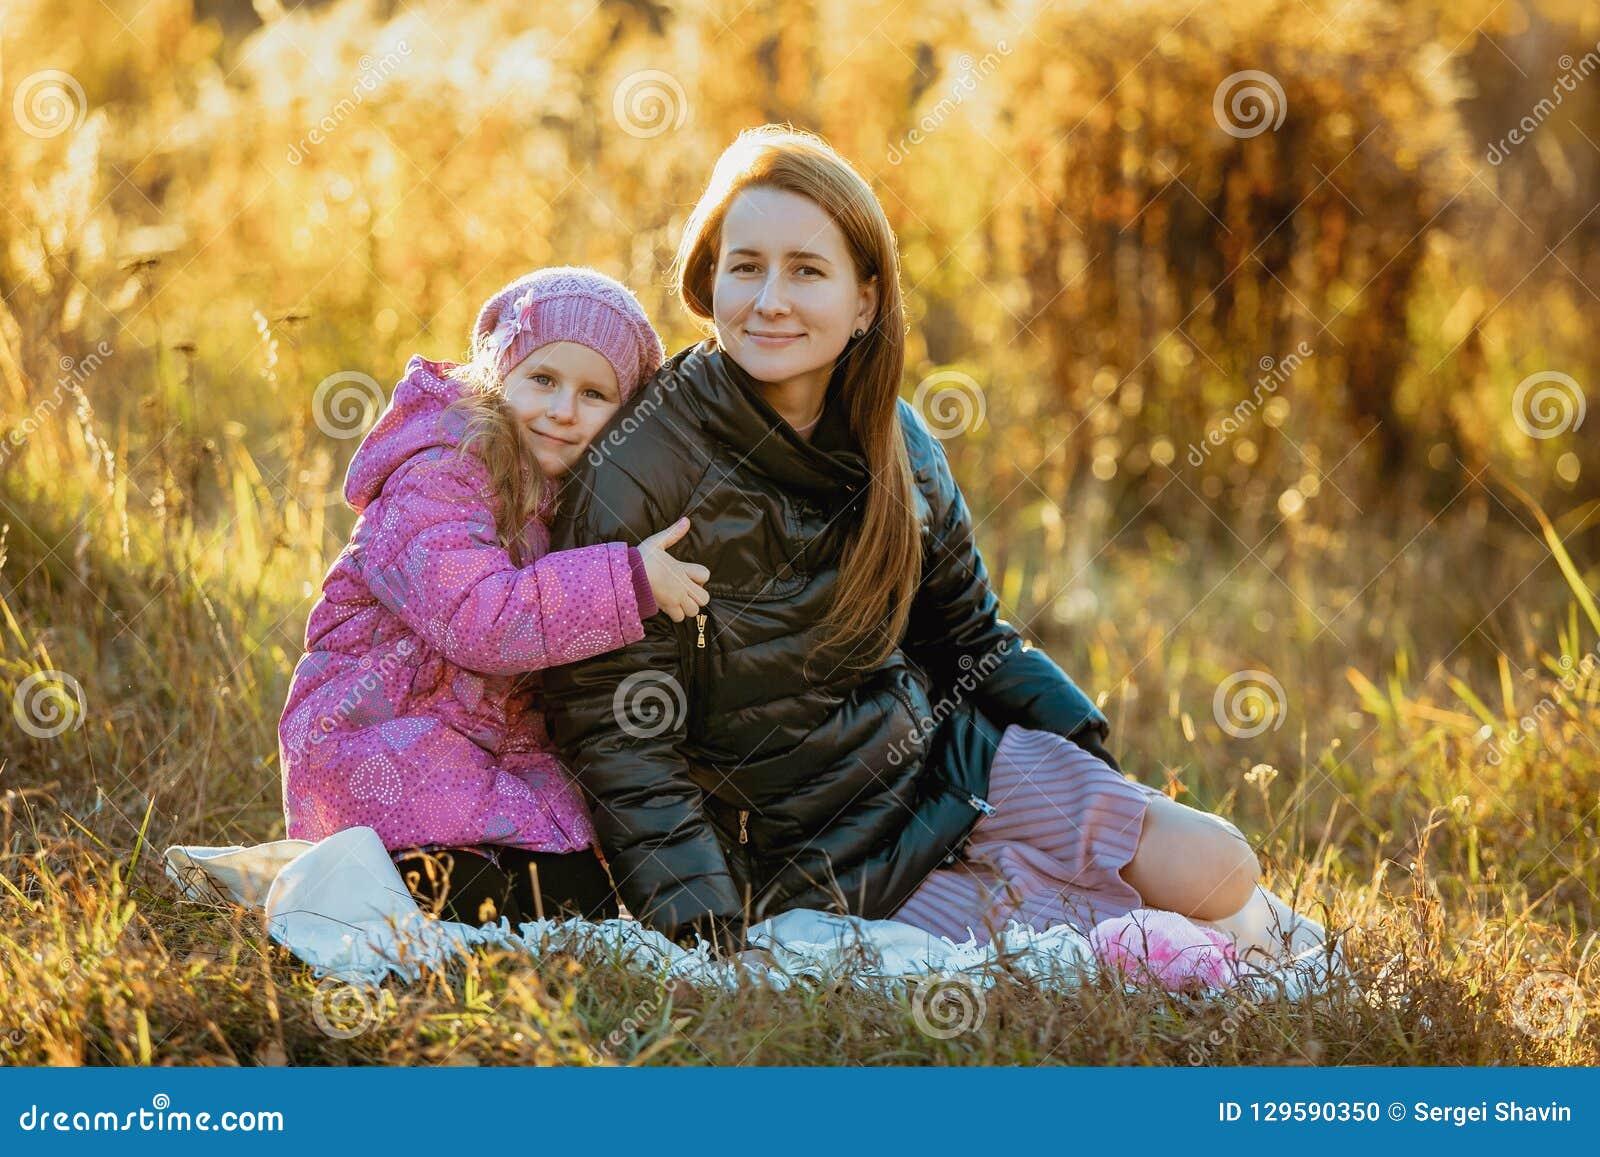 Junge schöne Mutter mit ihrer Tochter auf einem Weg an einem sonnigen Herbsttag Sie sitzen auf einem Plaid auf dem Gras, eine Toc